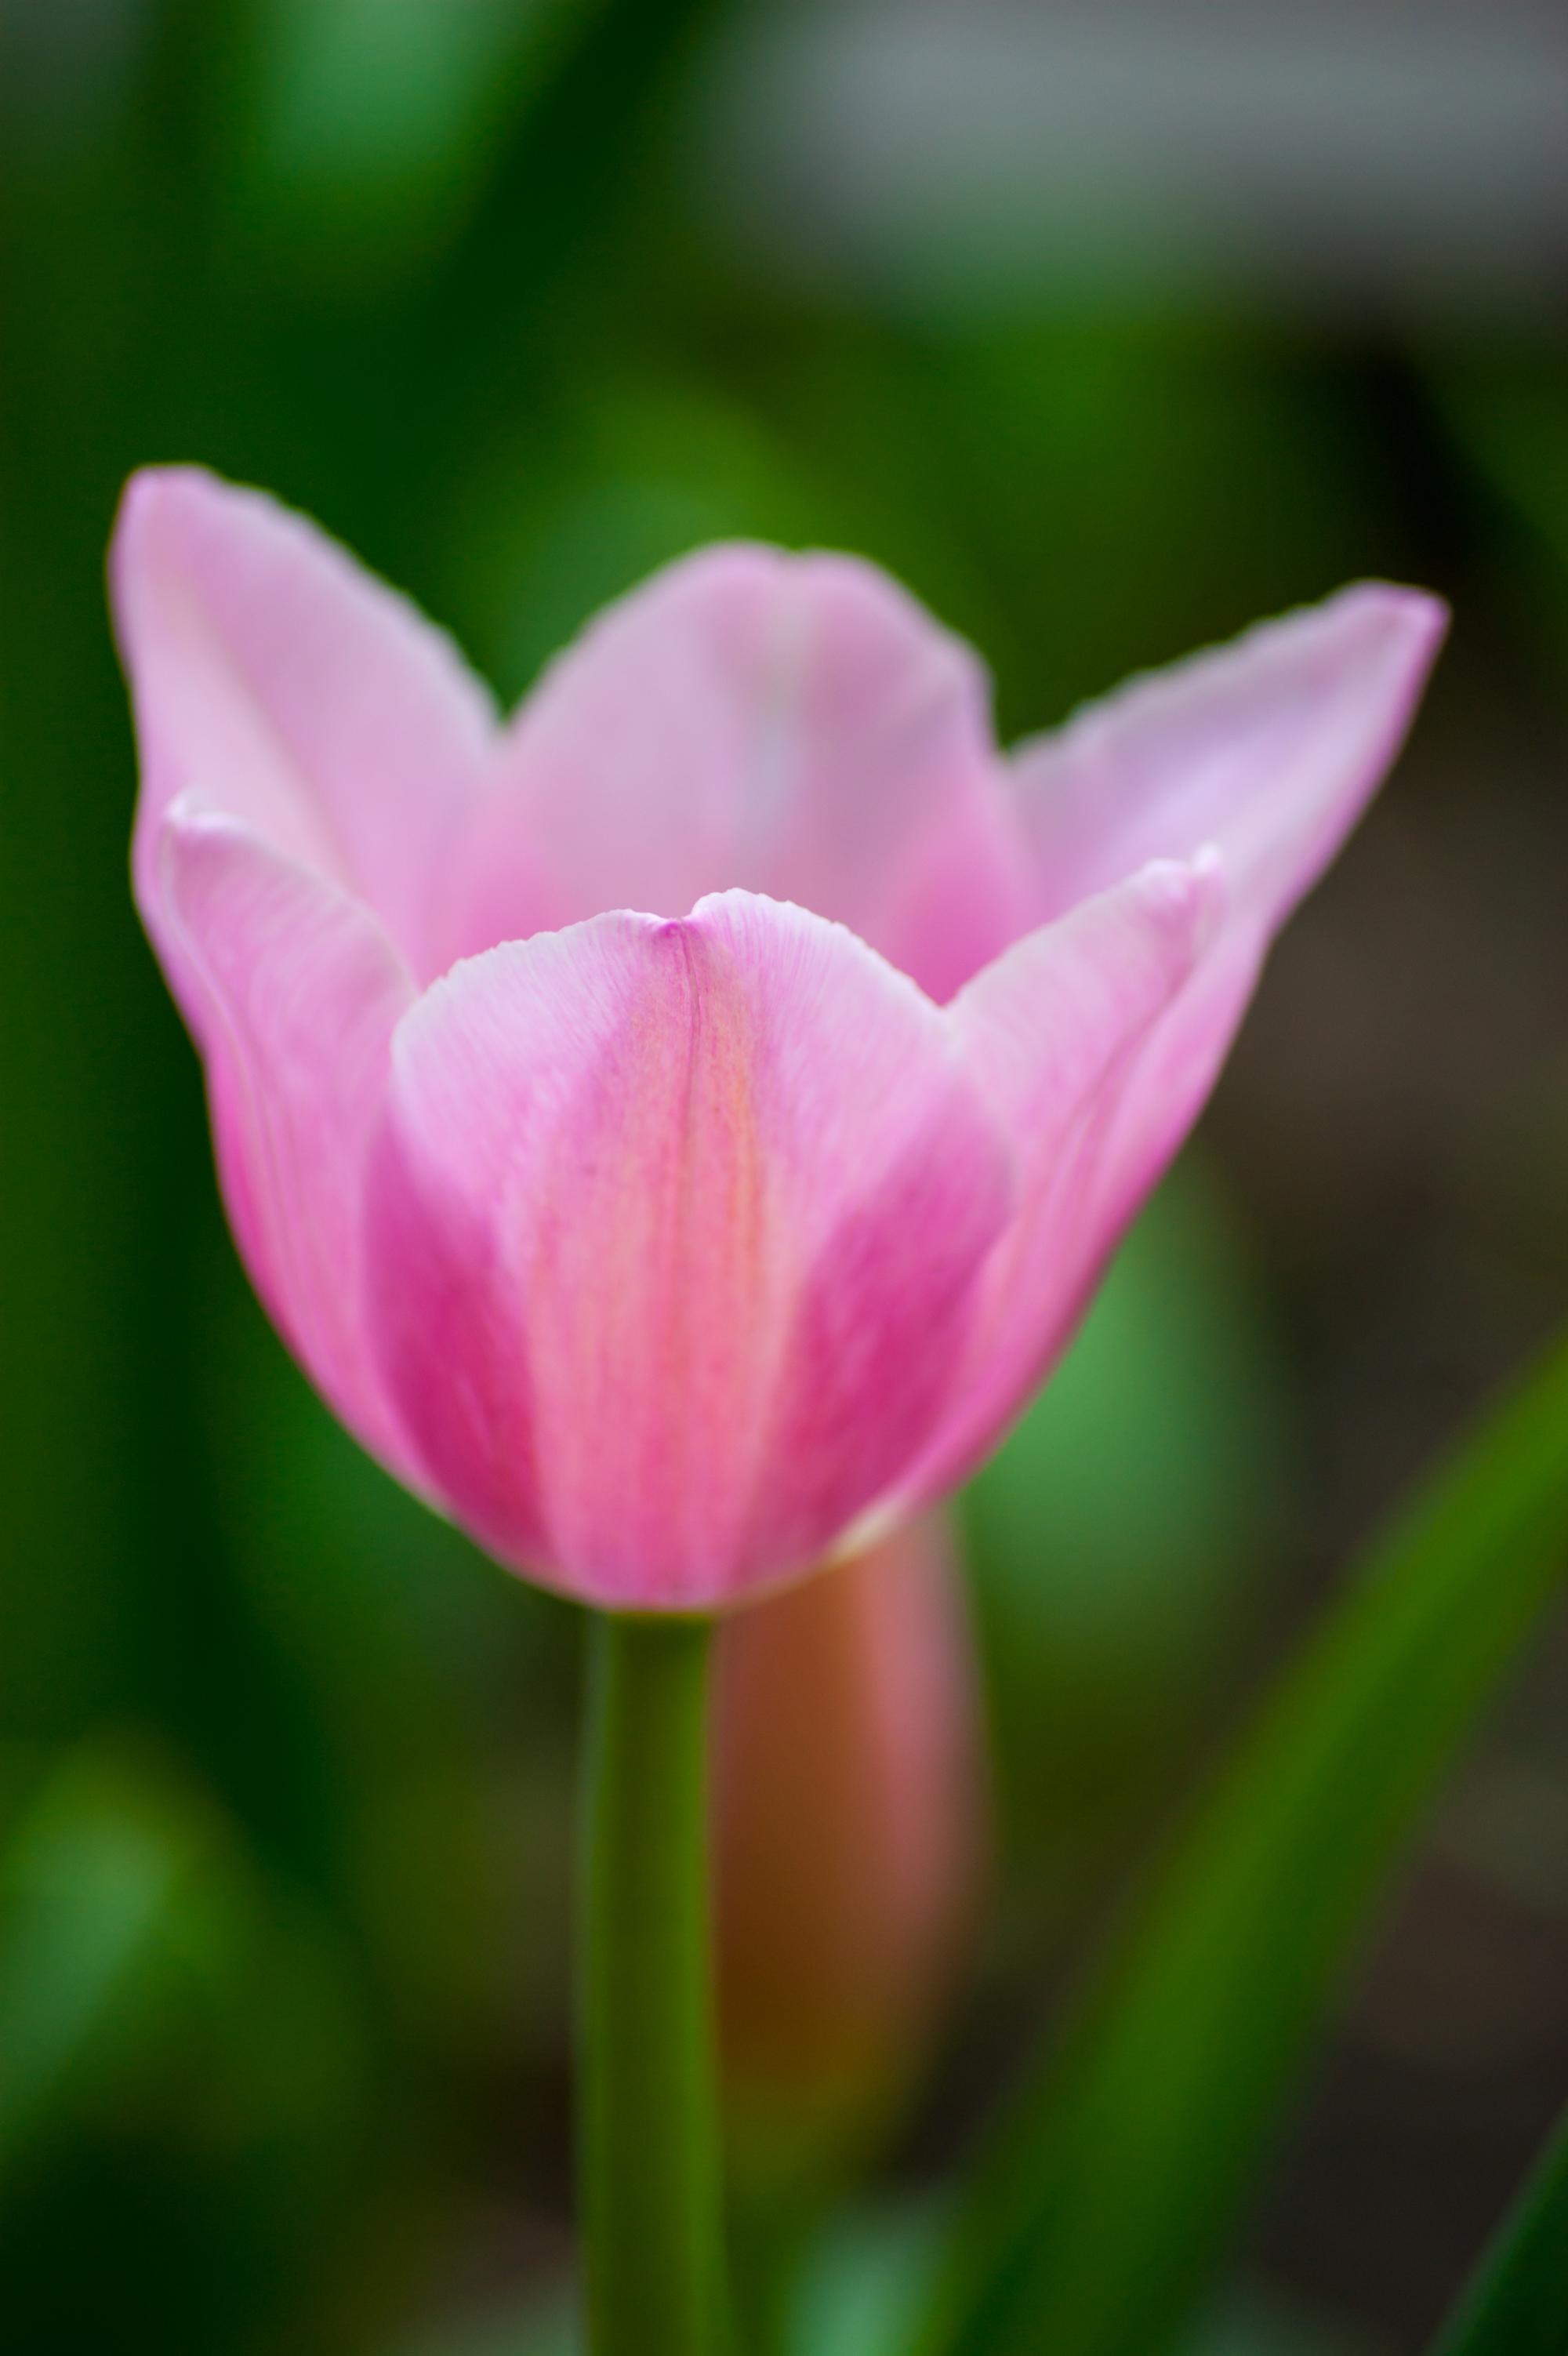 粉红色的郁金香